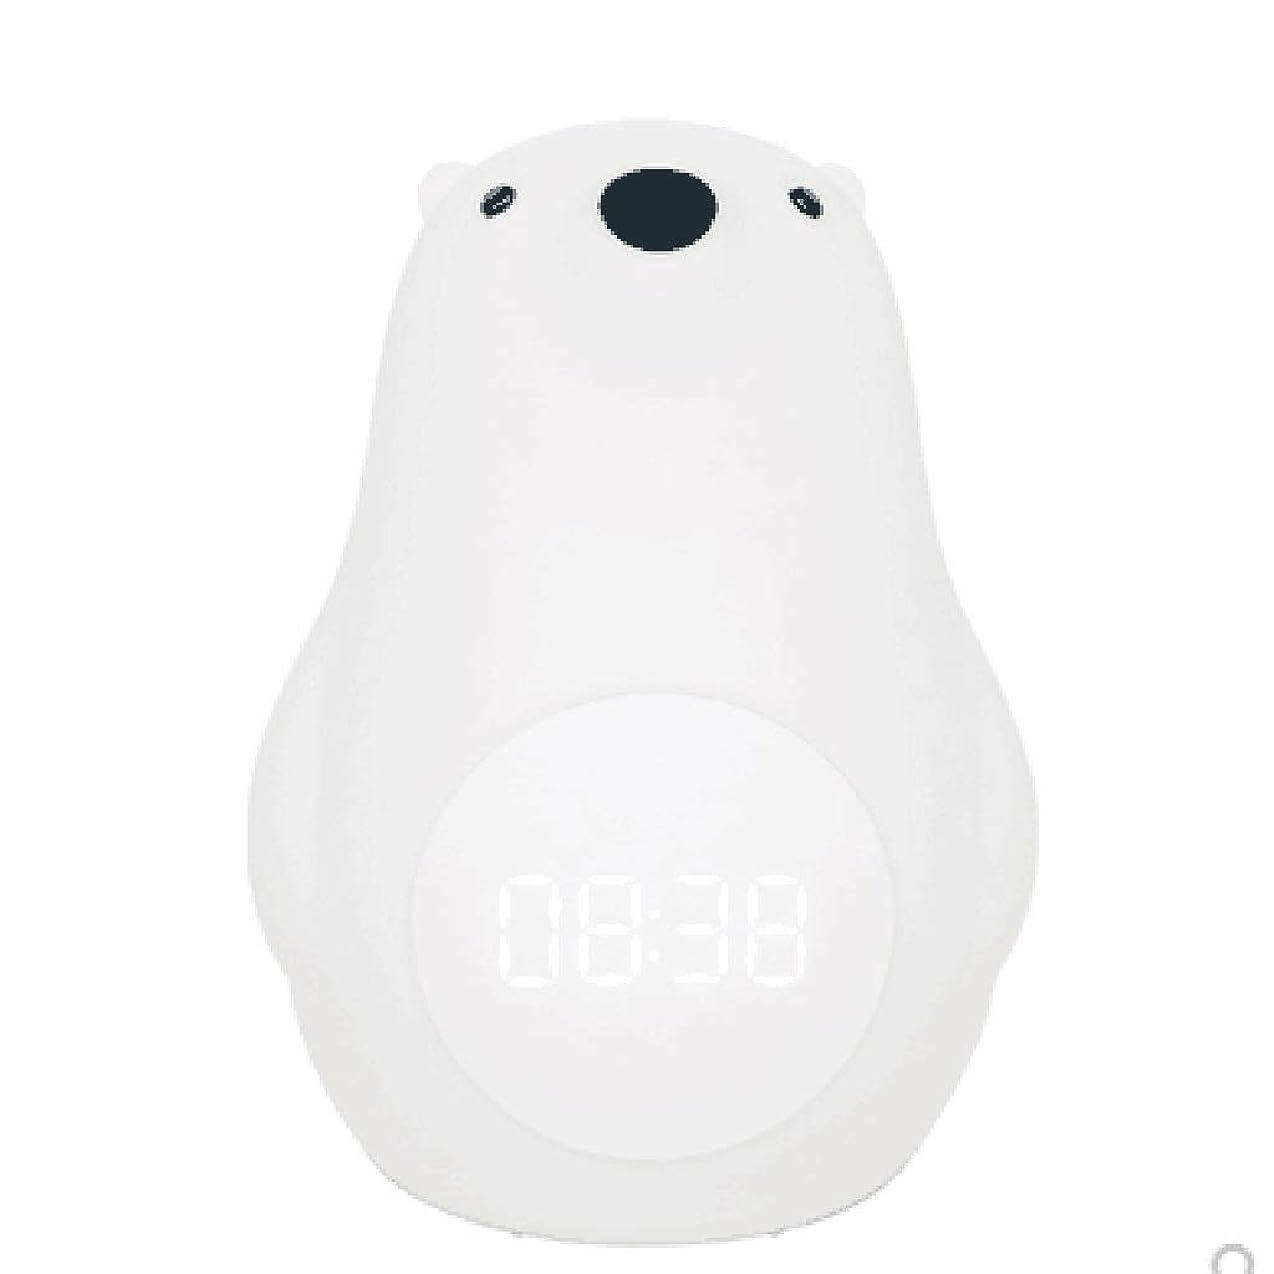 たまに野生町ナイトライト スリープライトホワイトベア充電ランプ母乳サウンドコントロールランプ付きシリコンナイトライトディレイ QDDSP